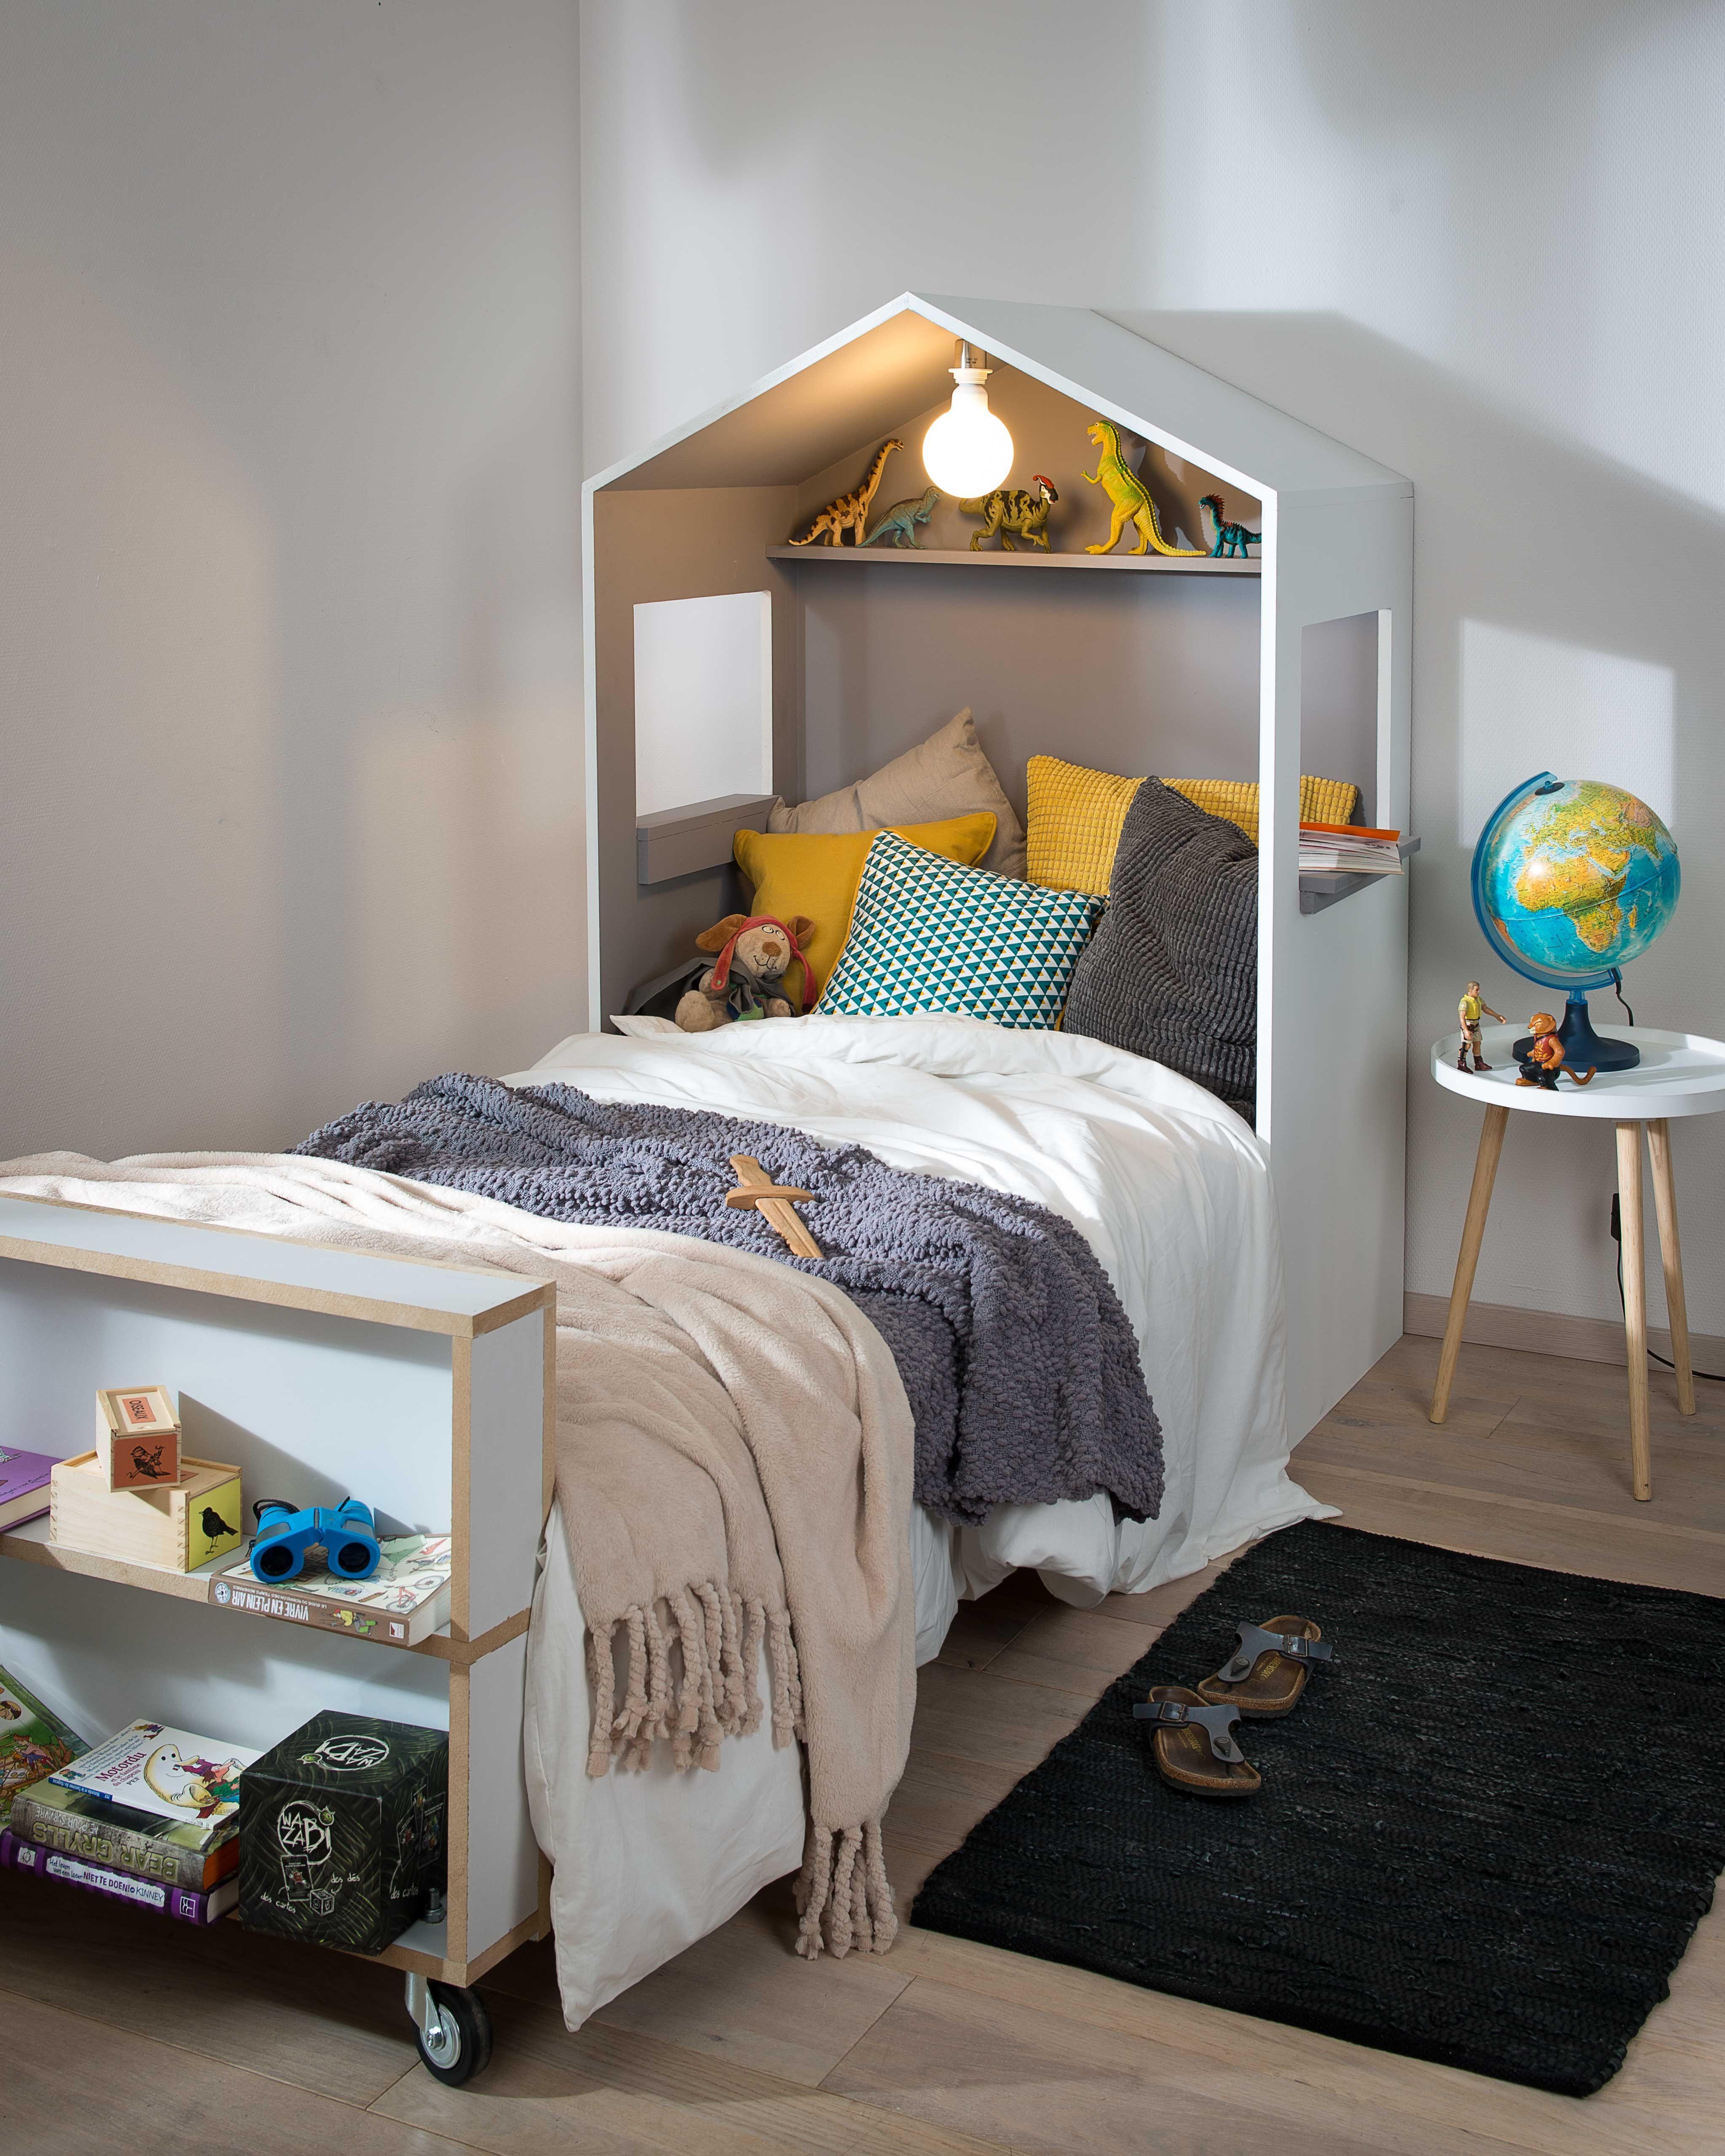 Lit Cabane Enfant Douce Tªte De Lit Cabane Pour Les Makers Wood Projects